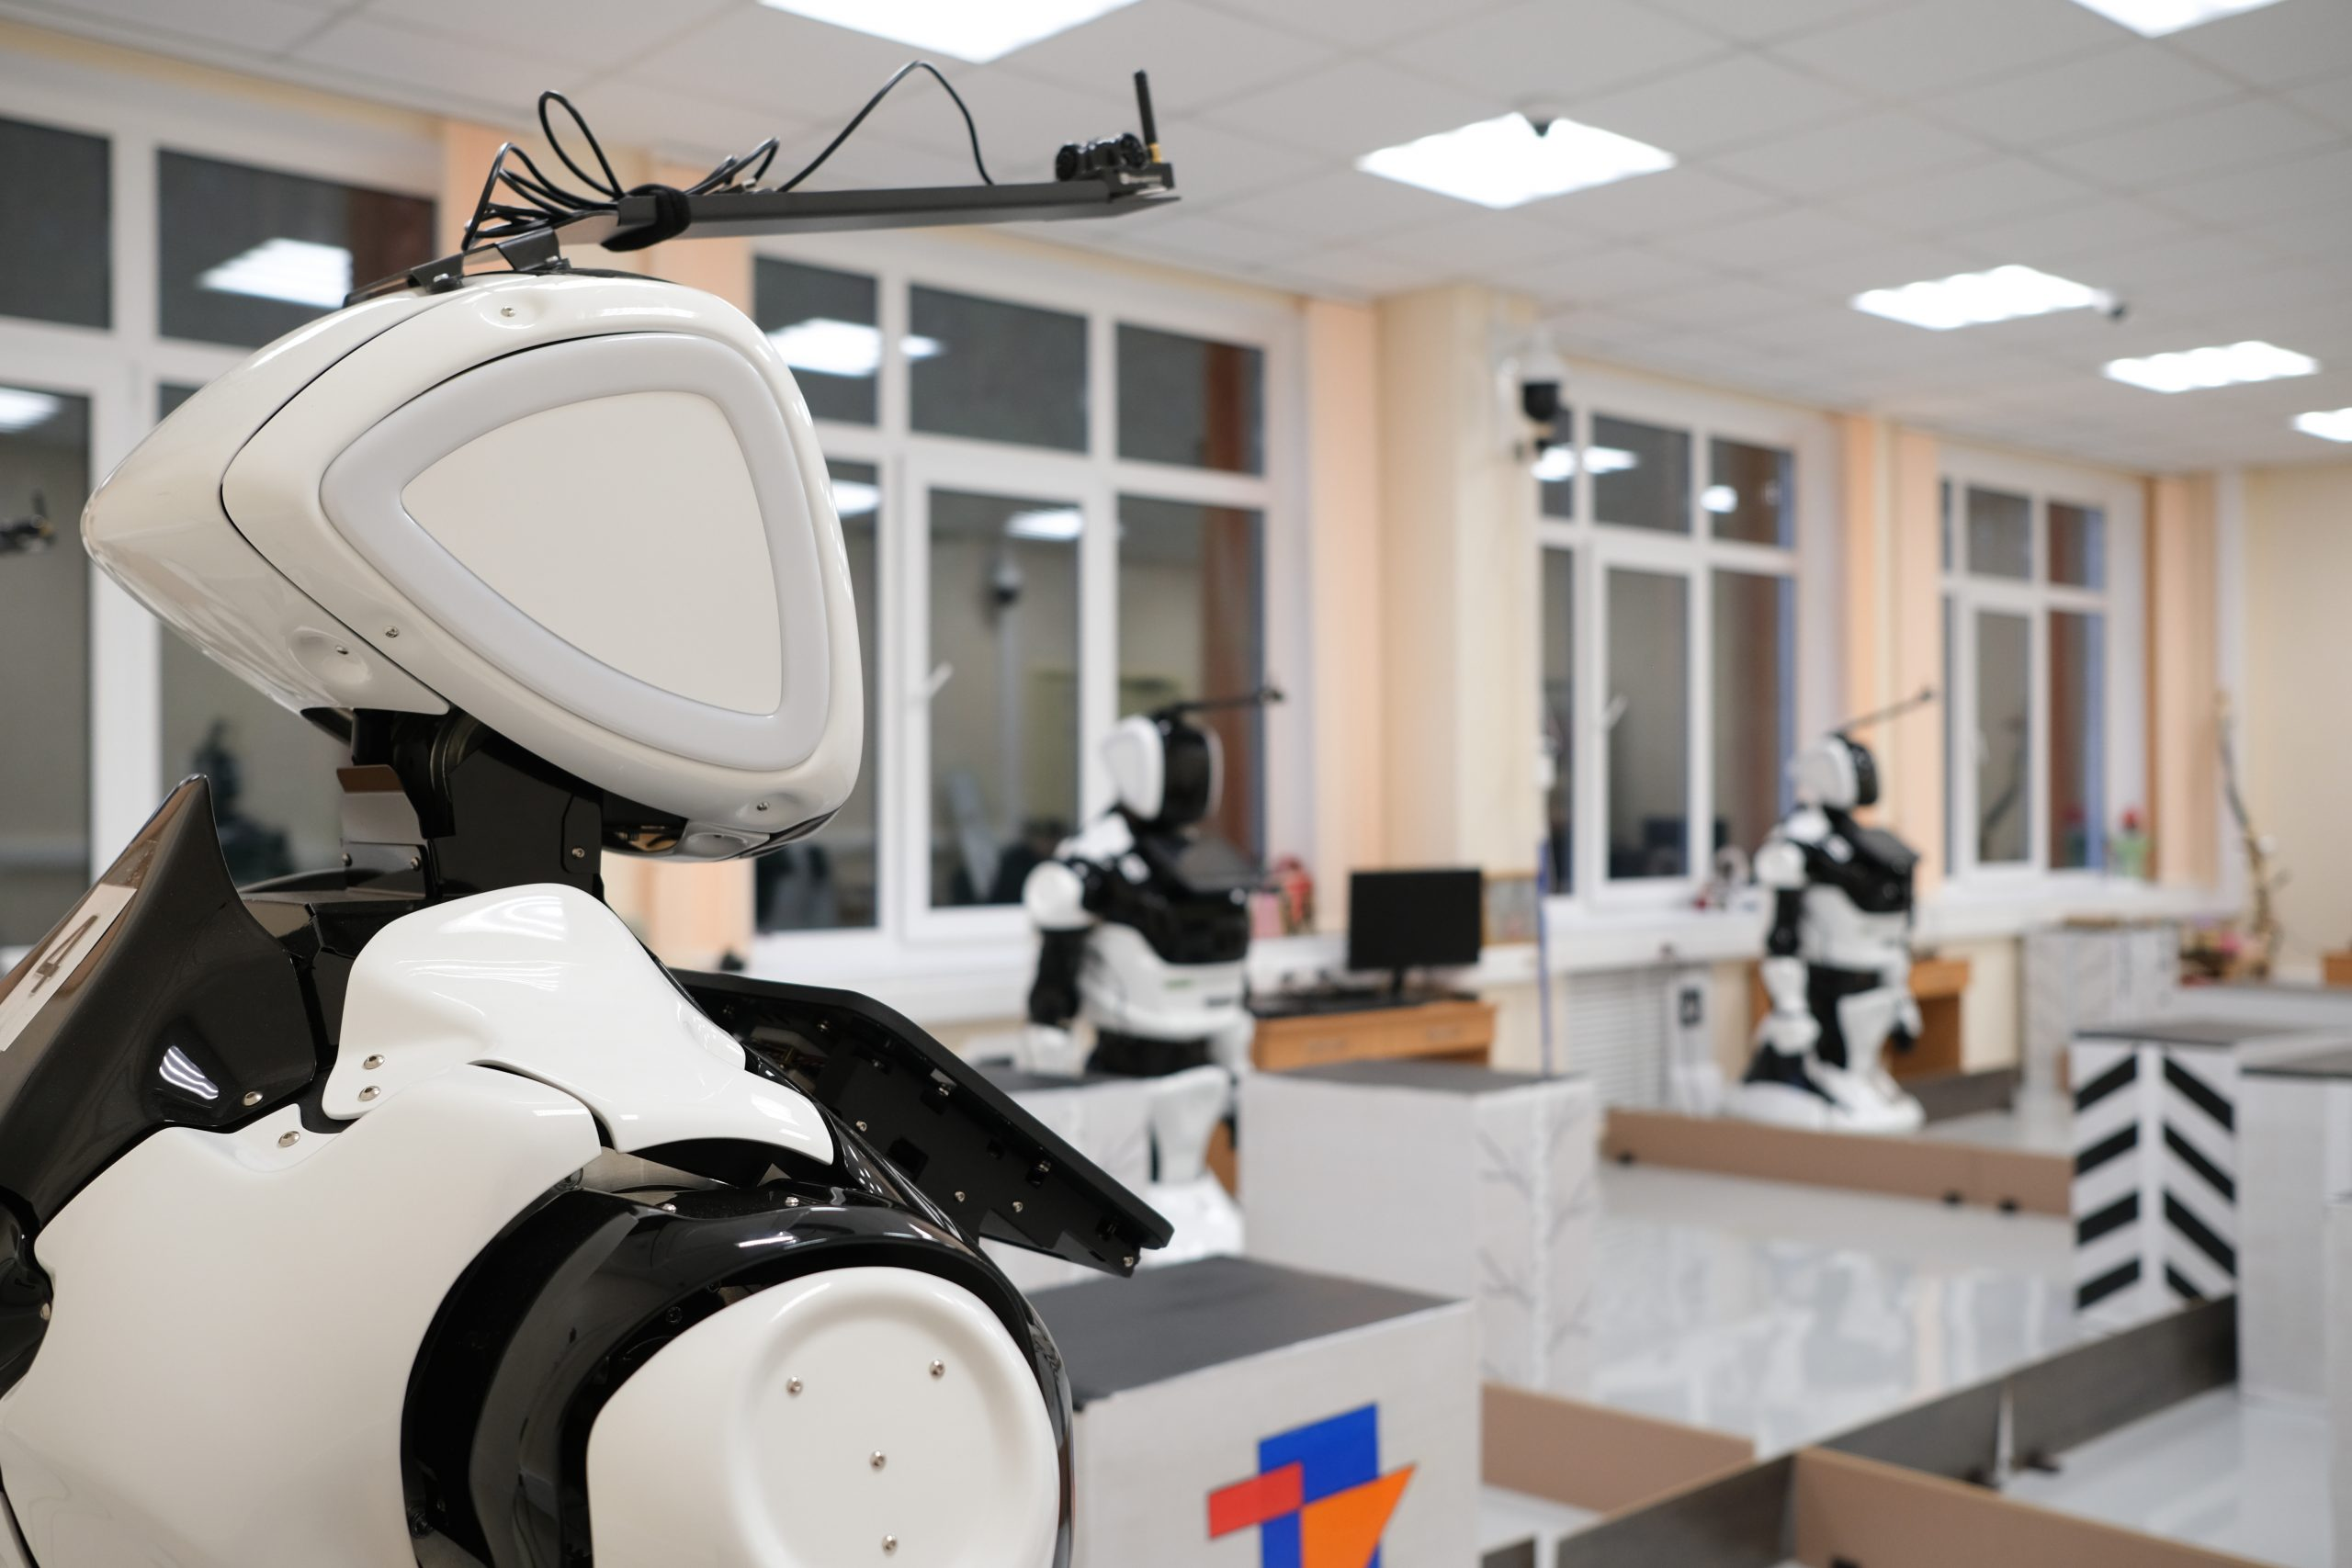 Лаборатория сервисной робототехники Promobot в ПНИПУ